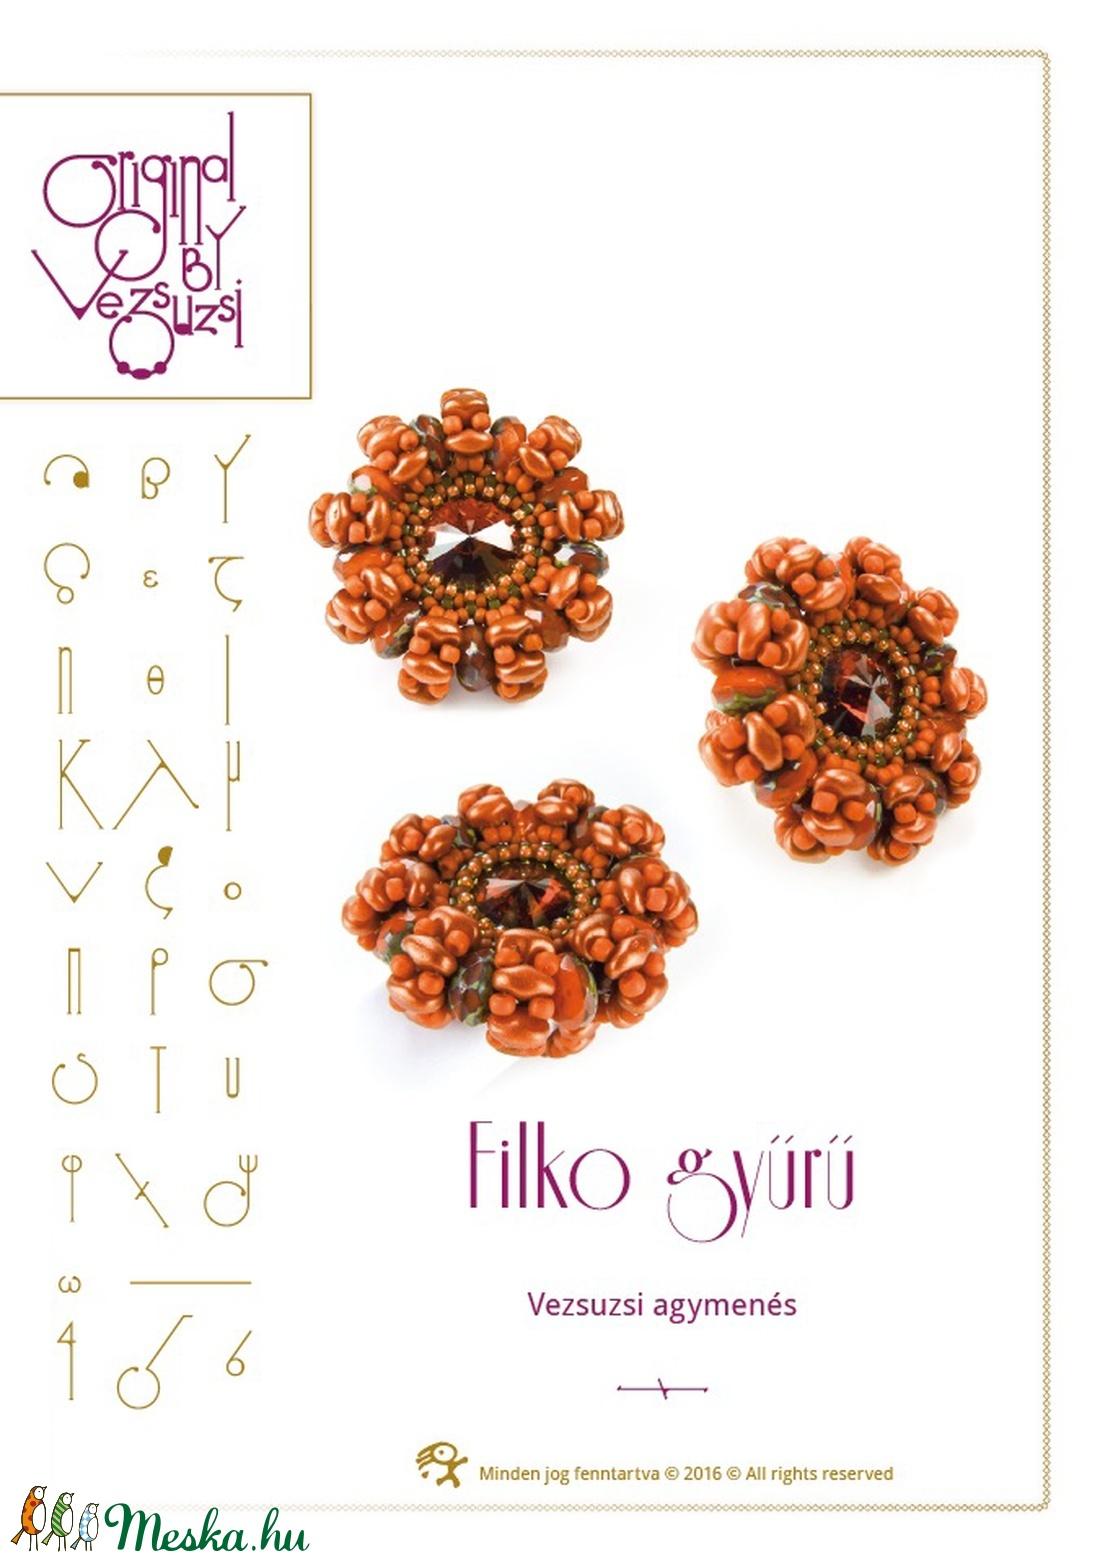 Filko gyűrű minta egyéni felhasználásra (vezsuzsiminta) - Meska.hu